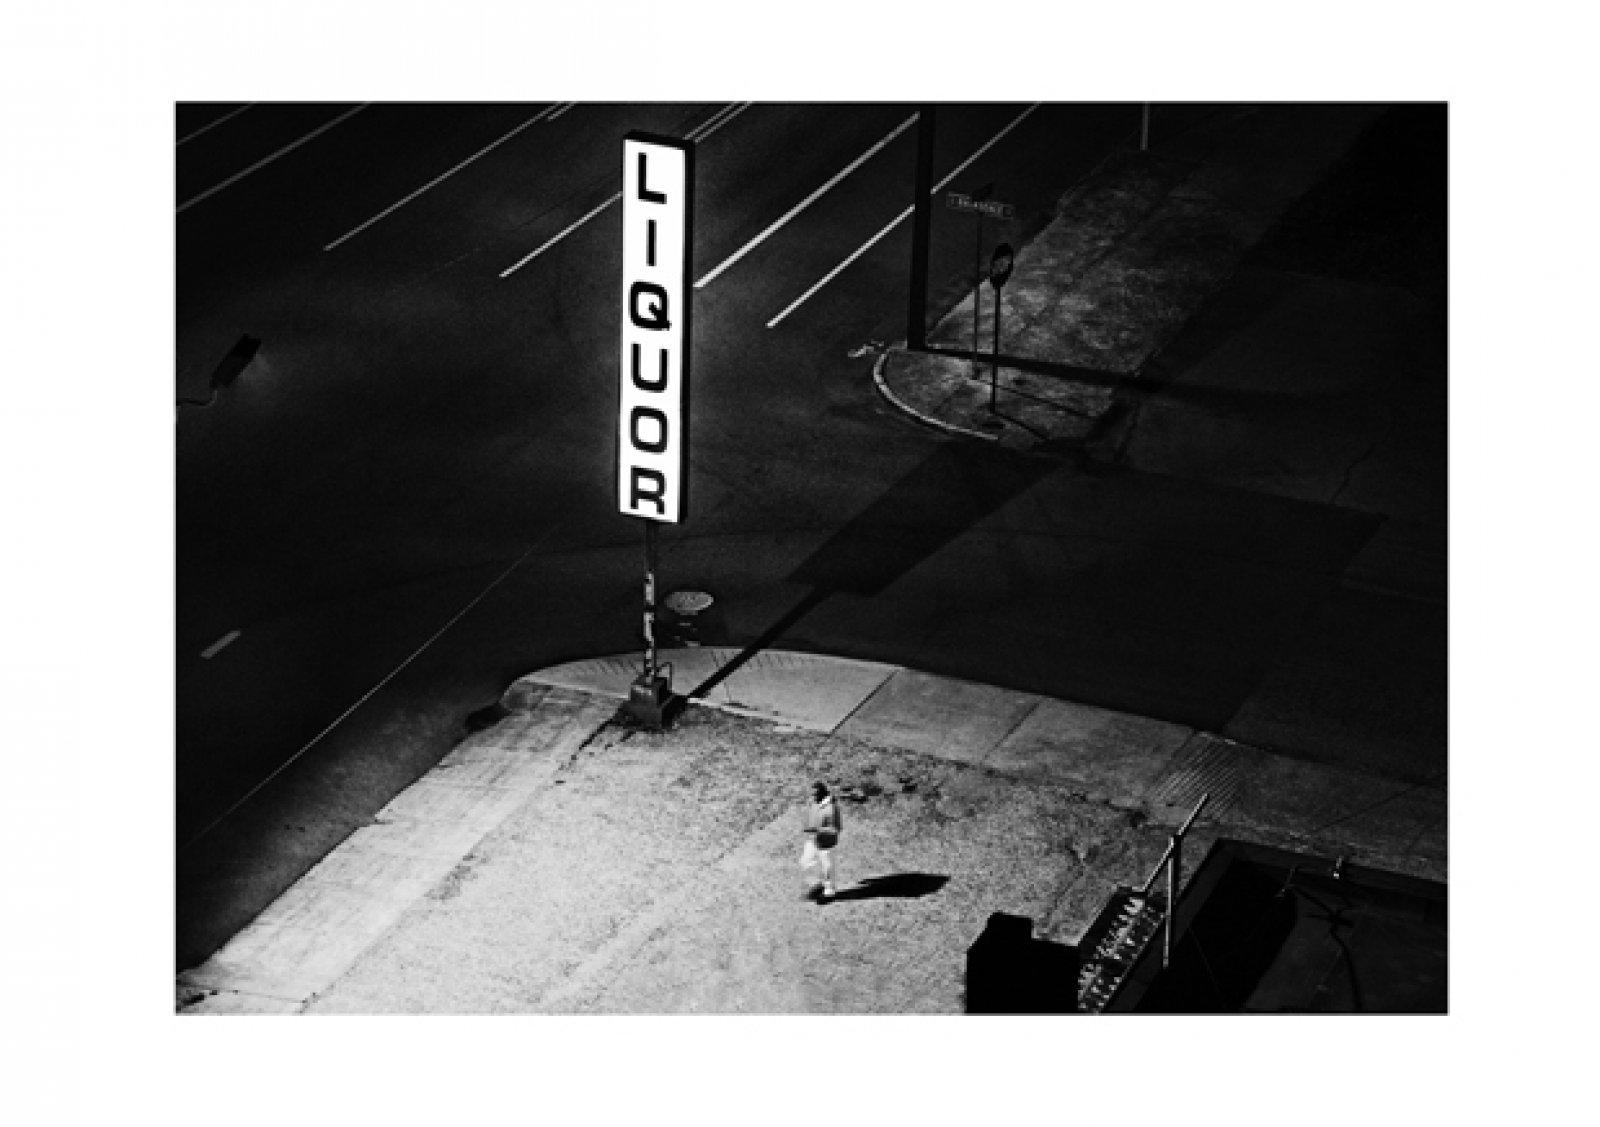 Liquor, 2013 © Jack Davison